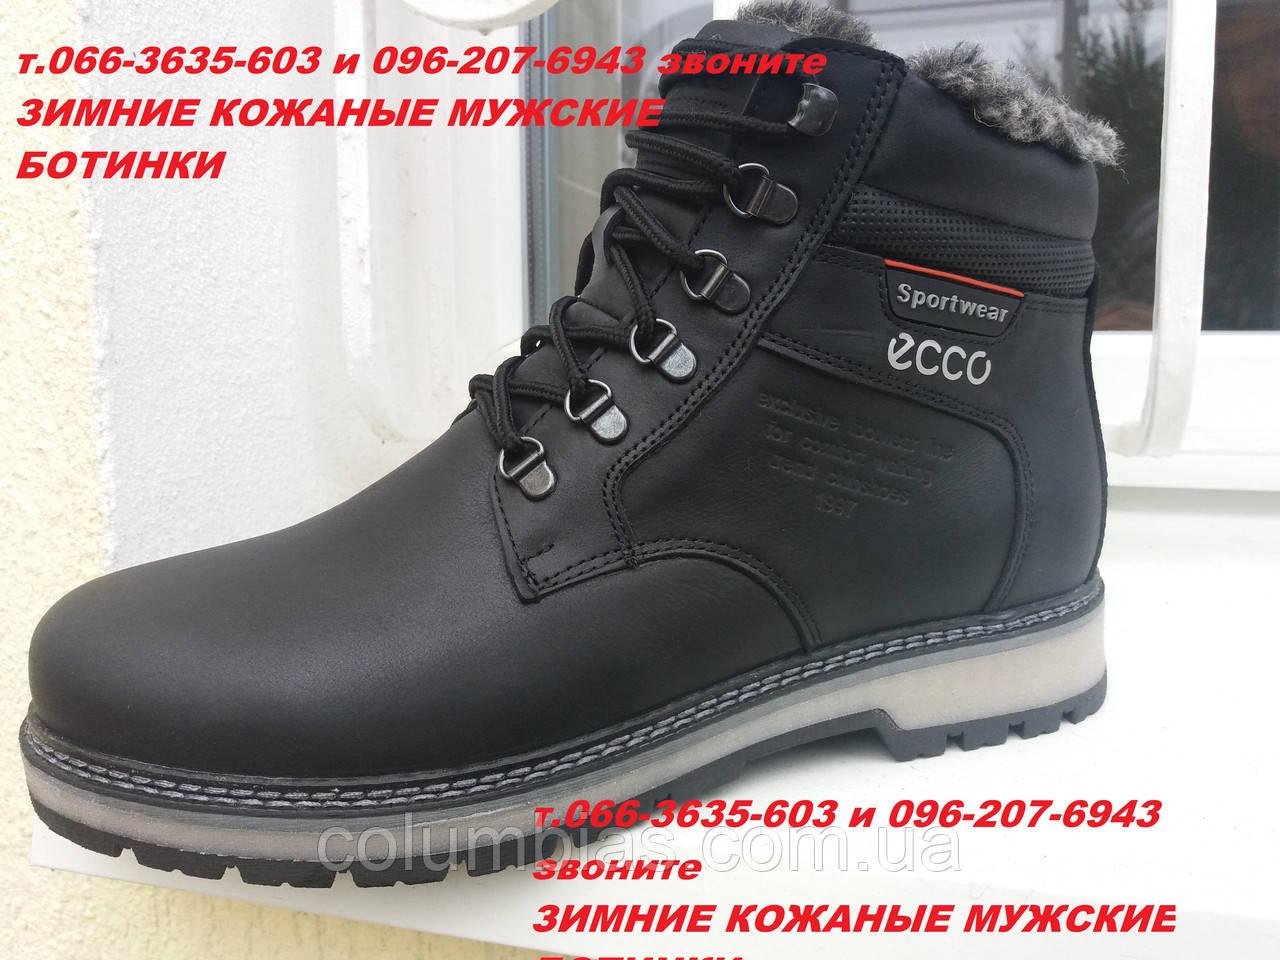 Мужская зимняя обувь Ecco 46 размера - ВЕСЬ ТОВАР В НАЛИЧИИ. ЗВОНИТЕ В  ЛЮБОЕ ВРЕМЯ 9531aa14f85